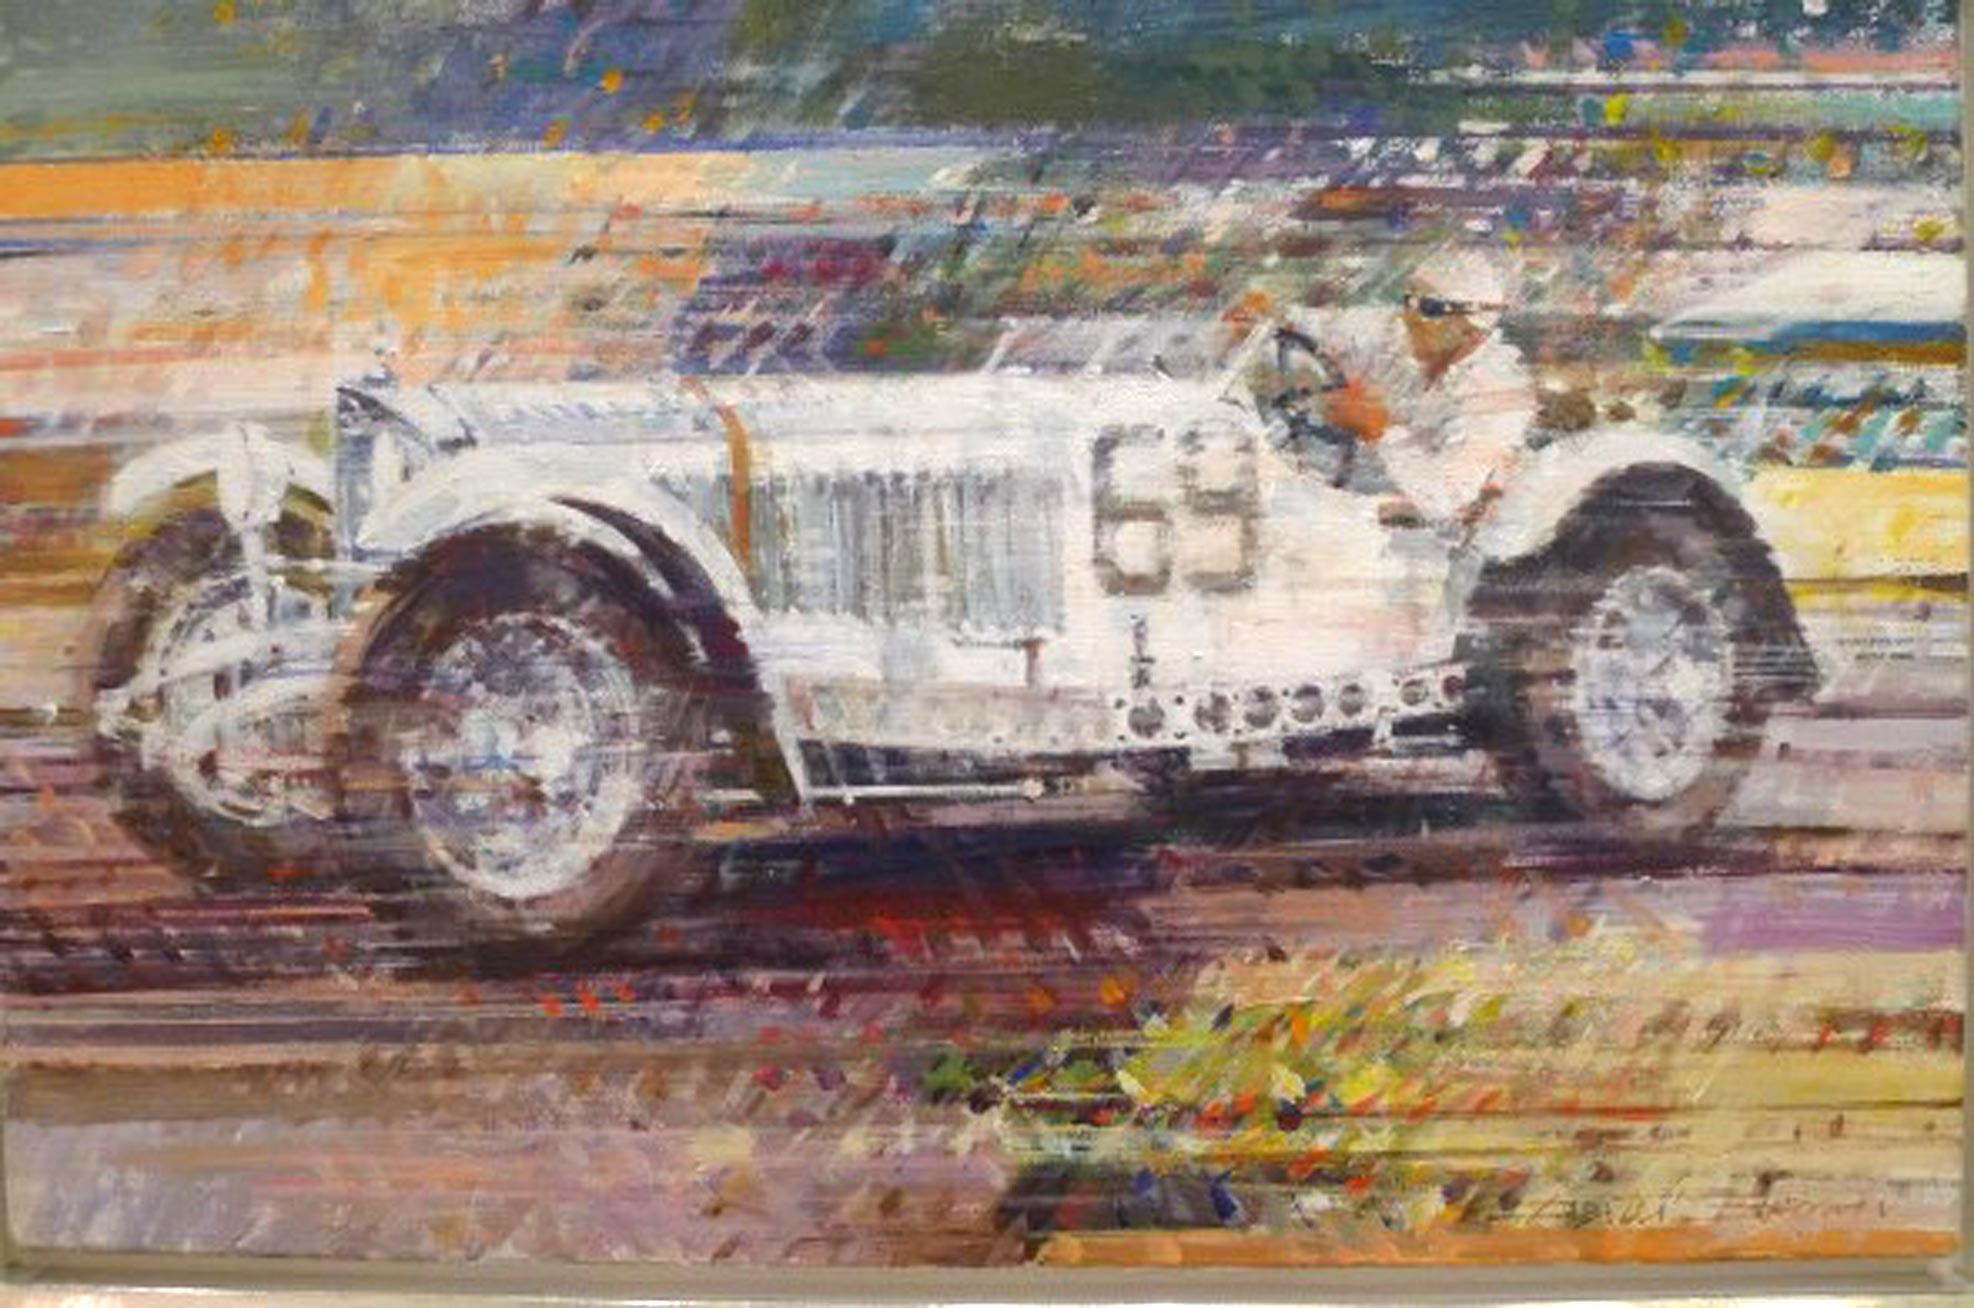 Hans Stuck Mercedes SSKL by Dexter Brown